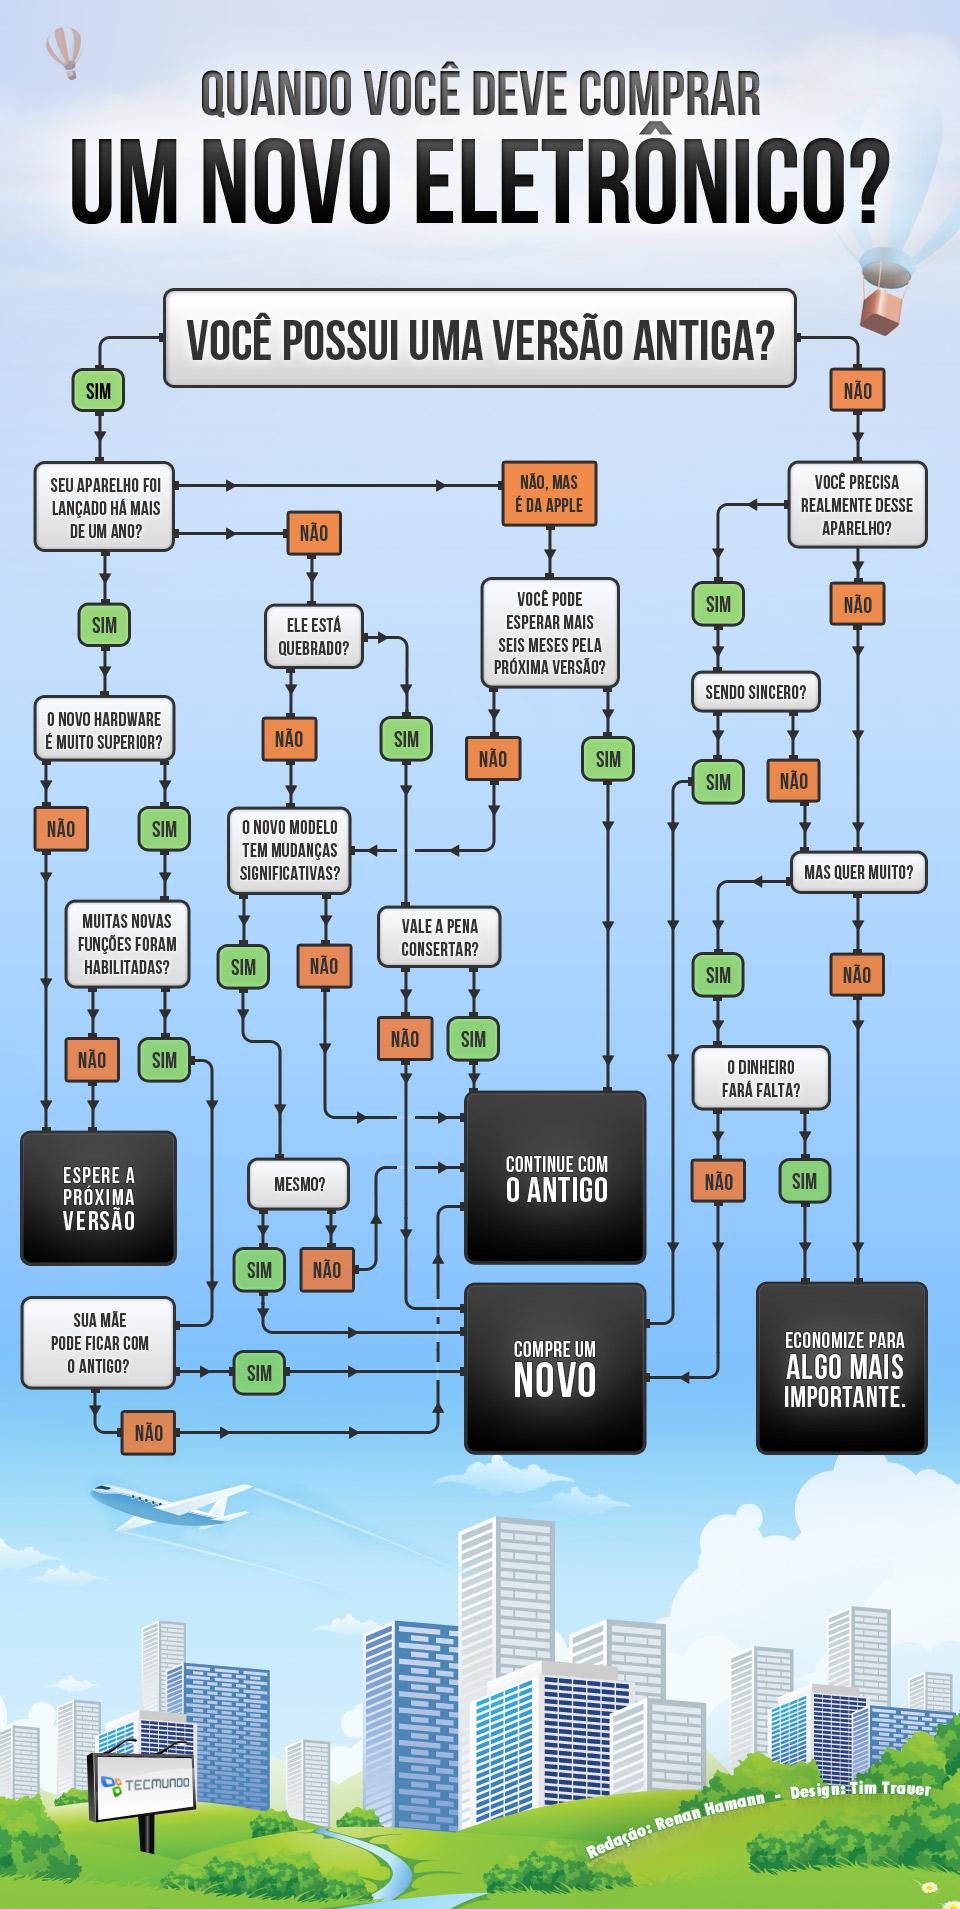 Infográfico - Quando você deve comprar um novo eletrônico? [infográfico]